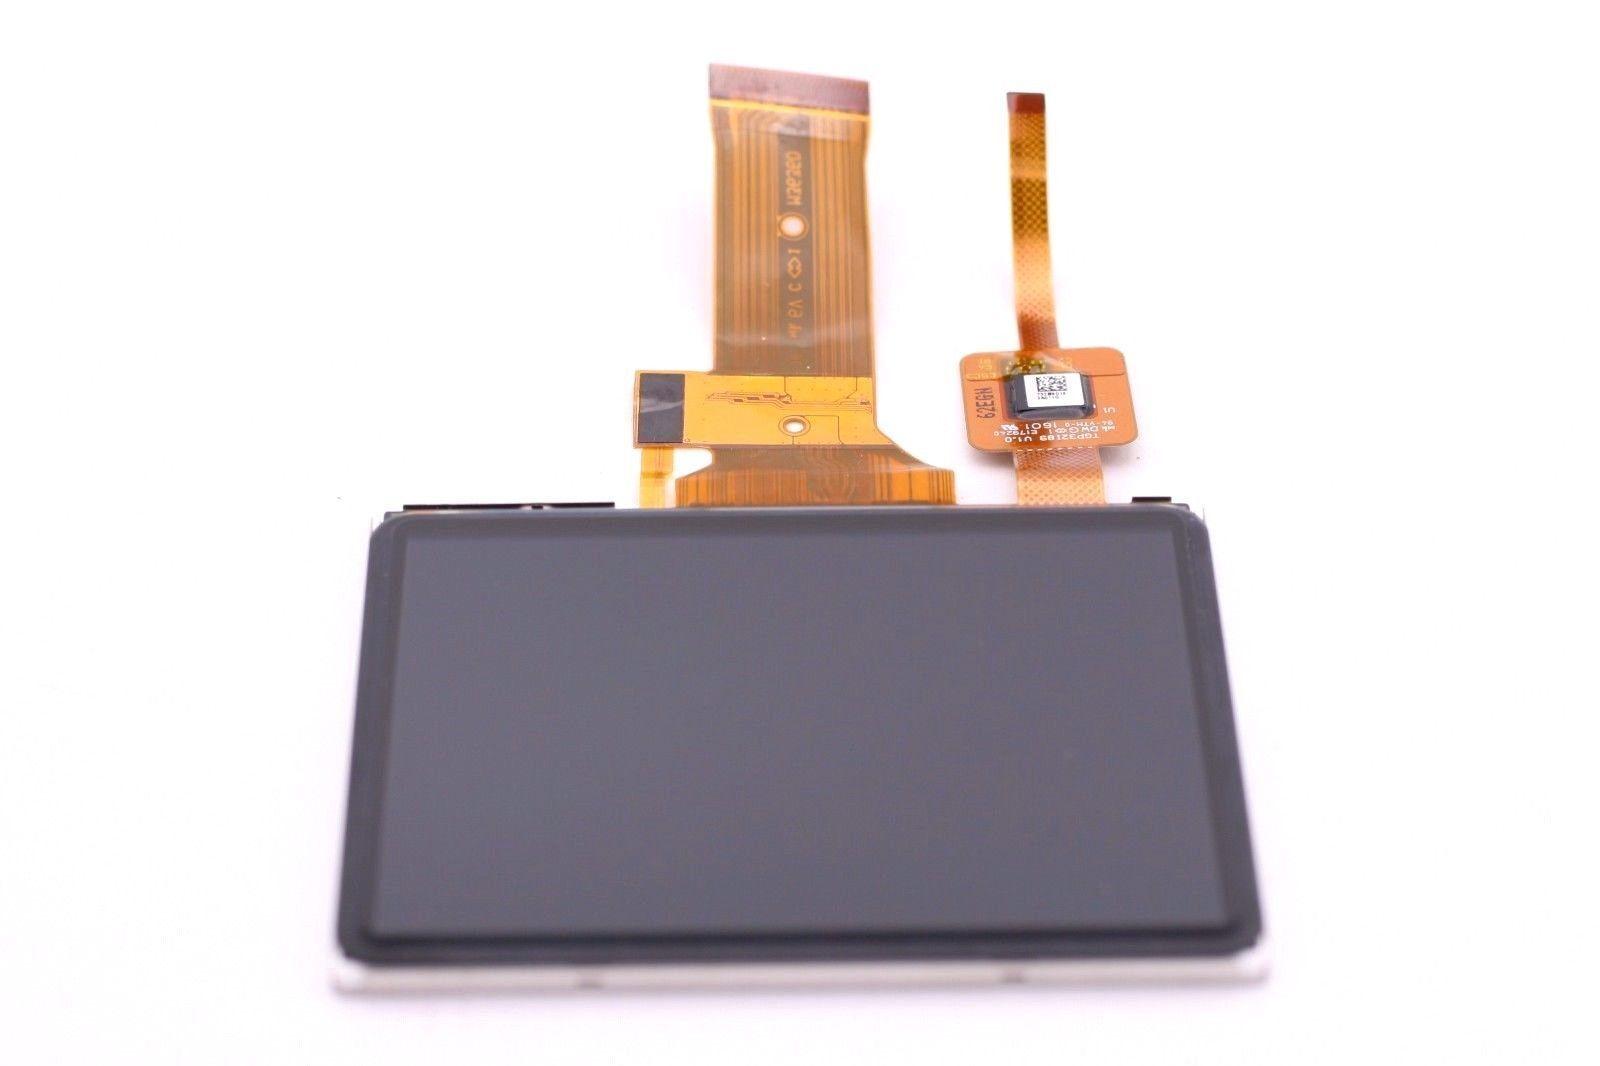 Nikon D5 Digital Slr Lcd Display Screen Repair Part With ...